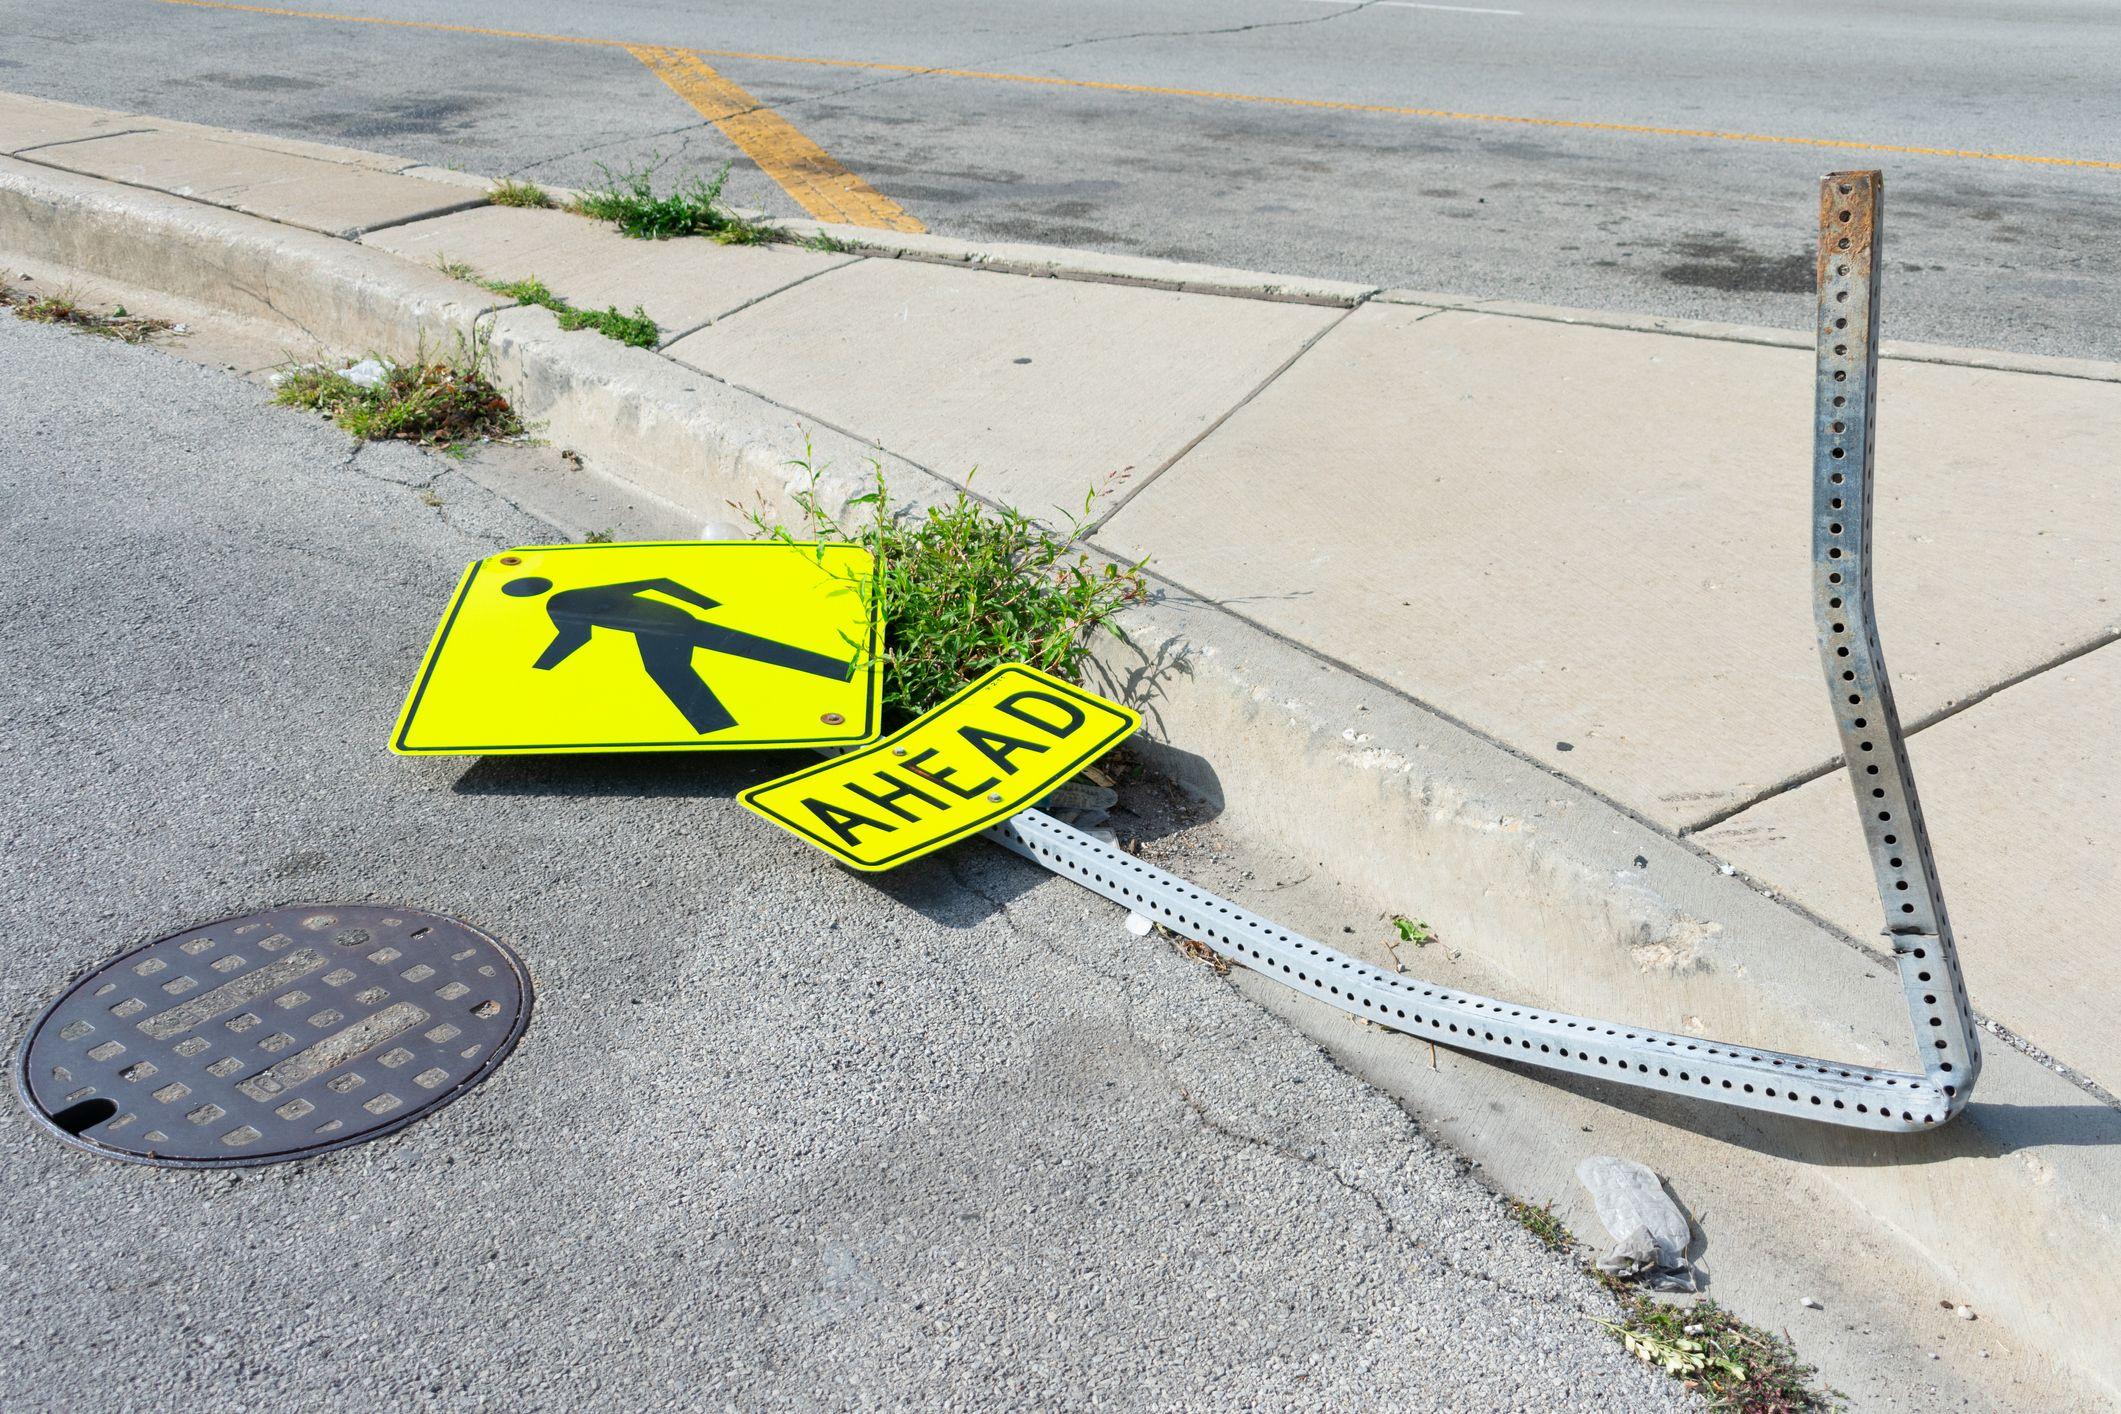 Pedestrian Deaths in 2019 Were Highest in 30 Years